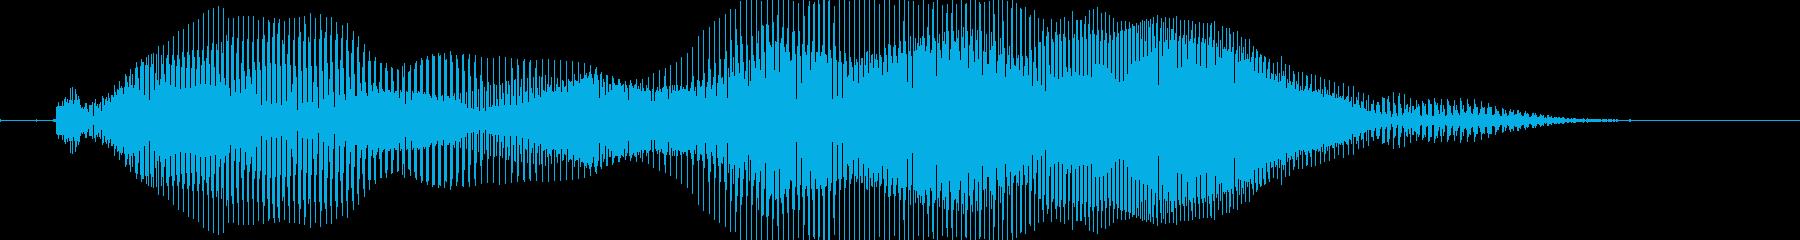 ごめん!の再生済みの波形